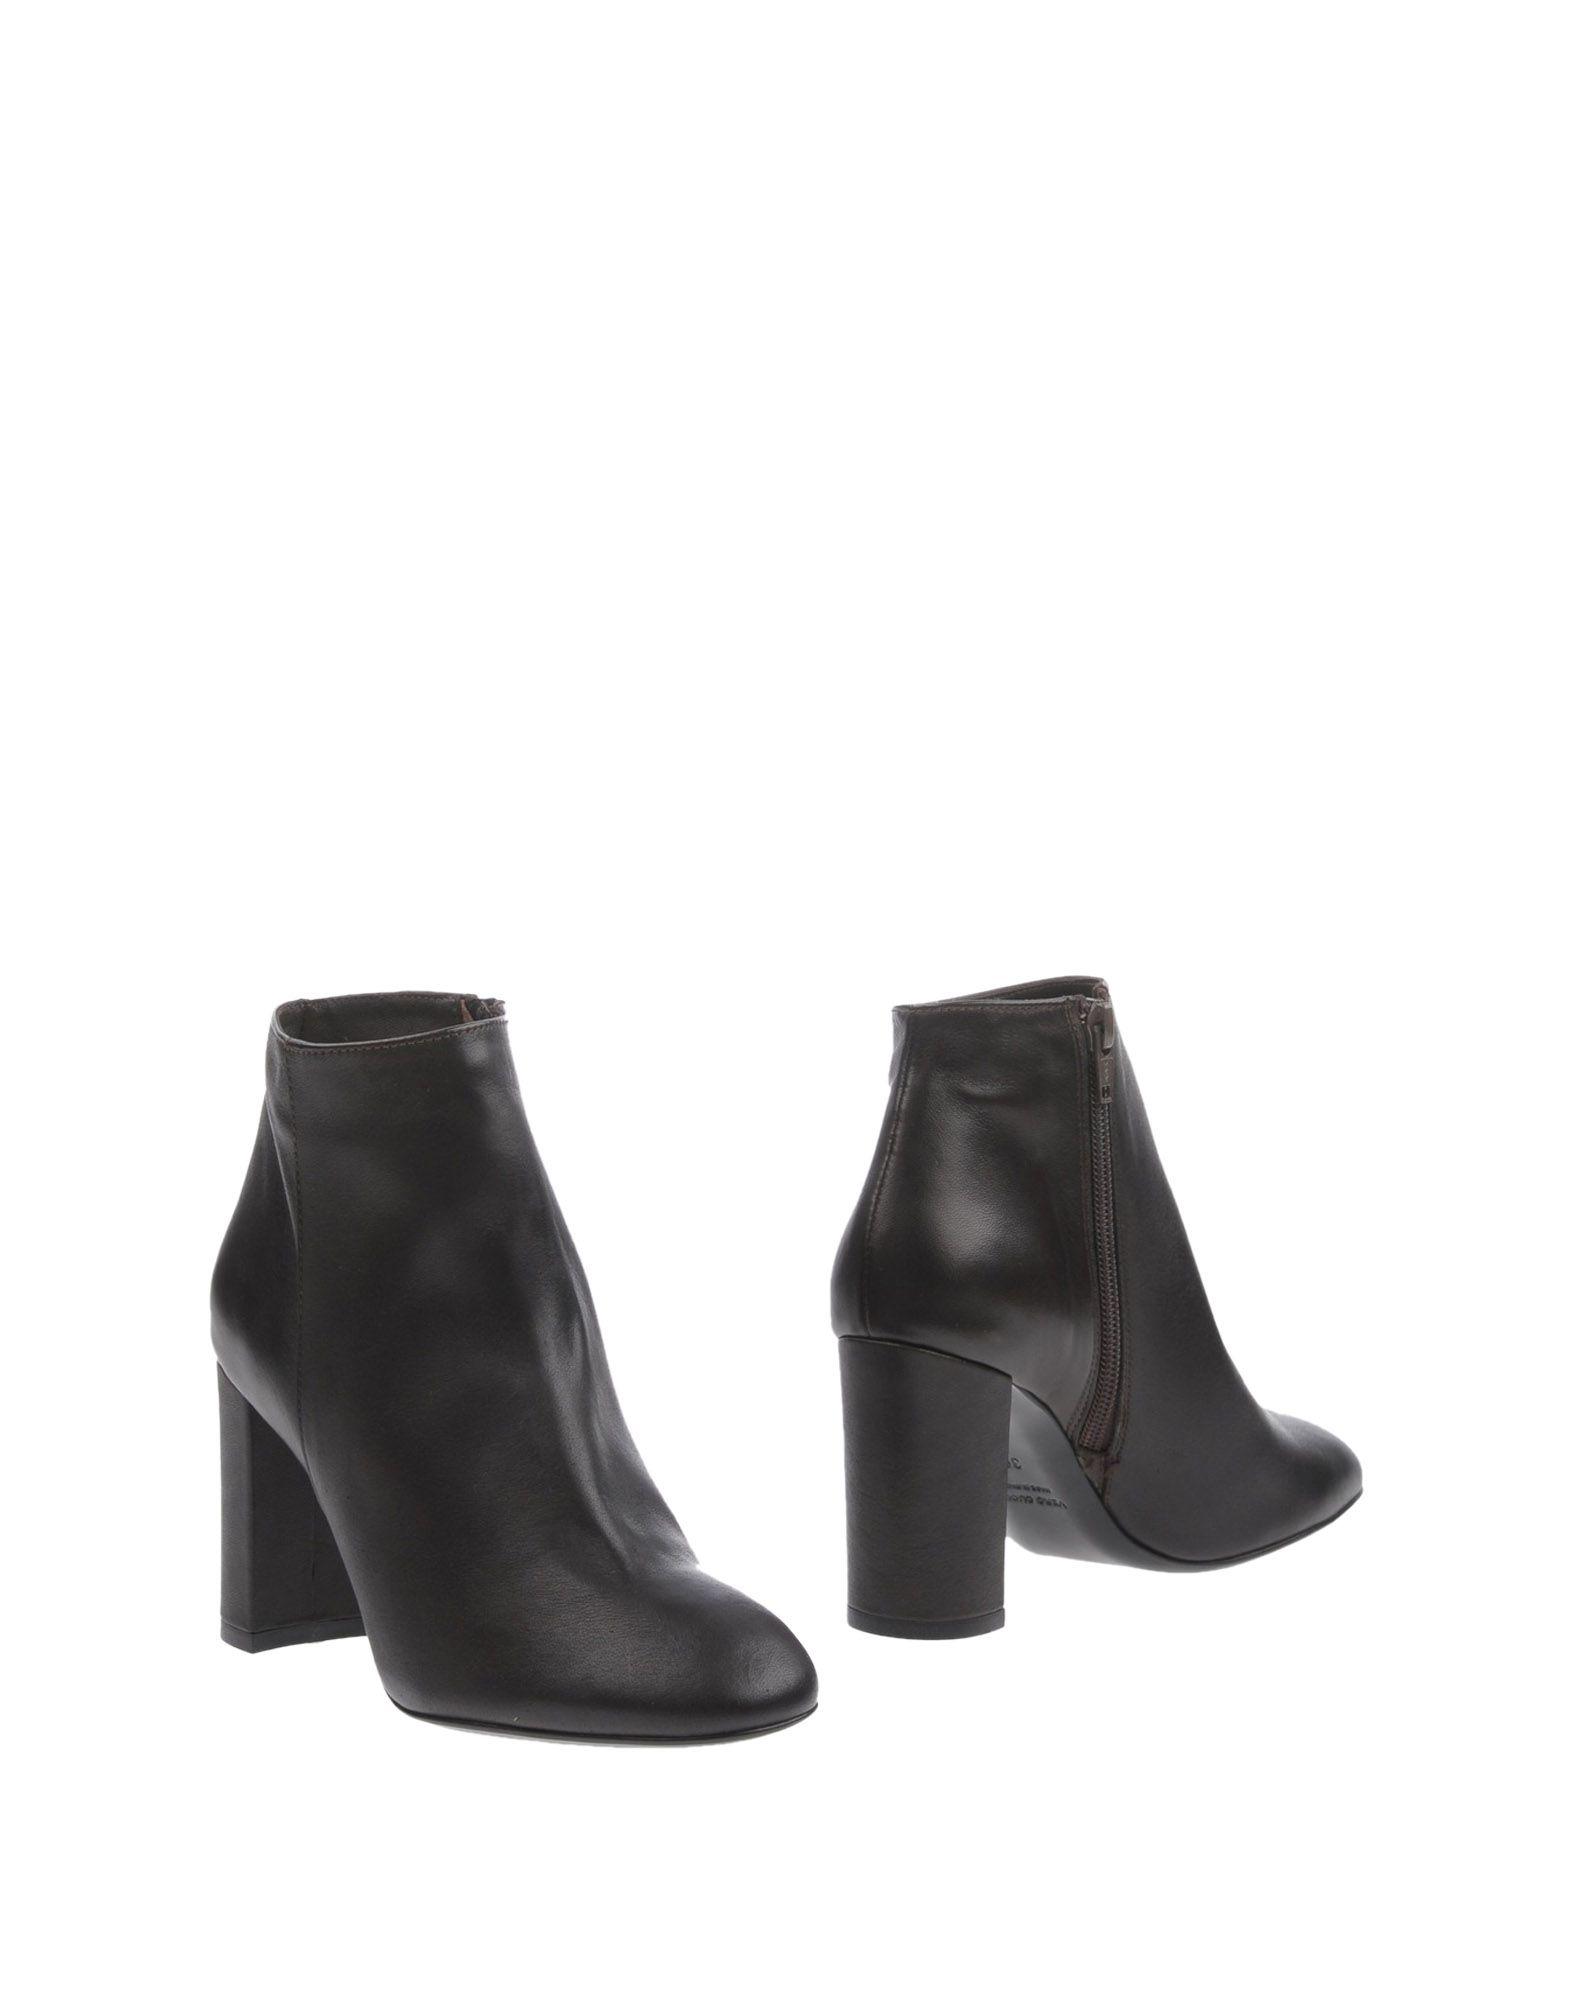 Prezioso Stiefelette Damen  11219406IA Gute Qualität beliebte Schuhe